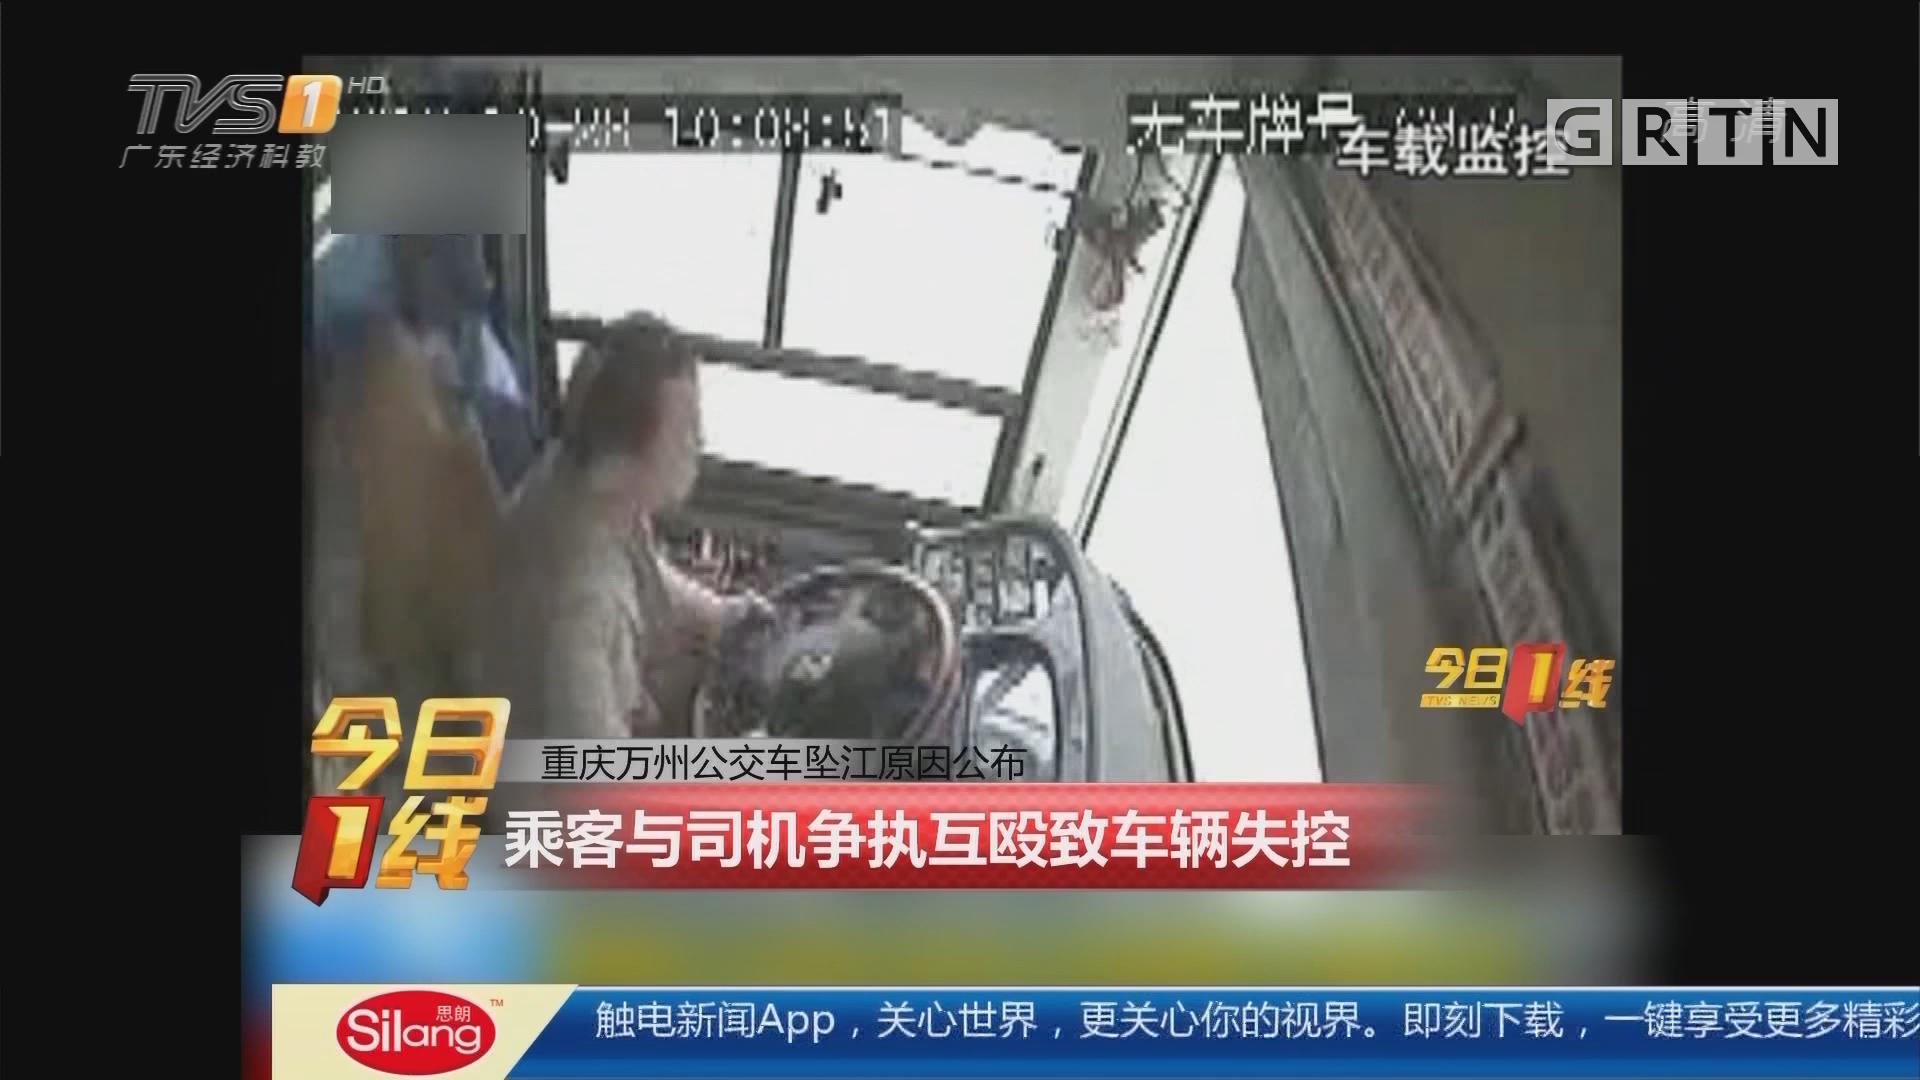 重庆万州公交车坠江原因公布:乘客与司机争执互殴致车辆失控